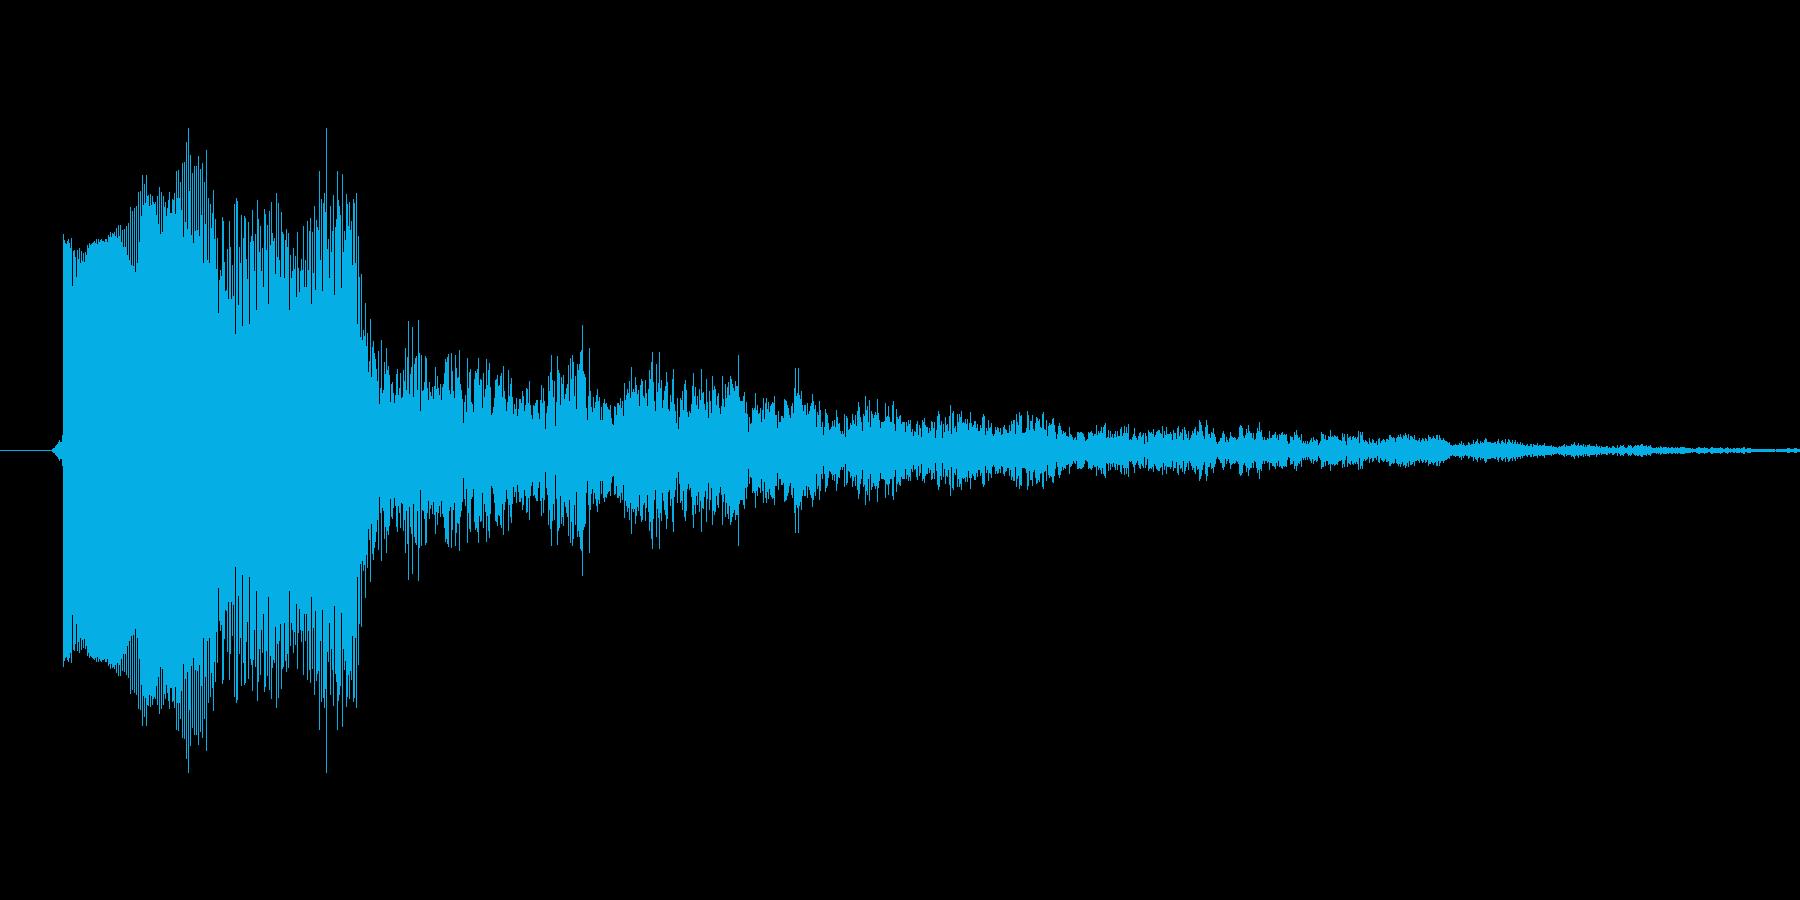 ティロンというシステム音の再生済みの波形